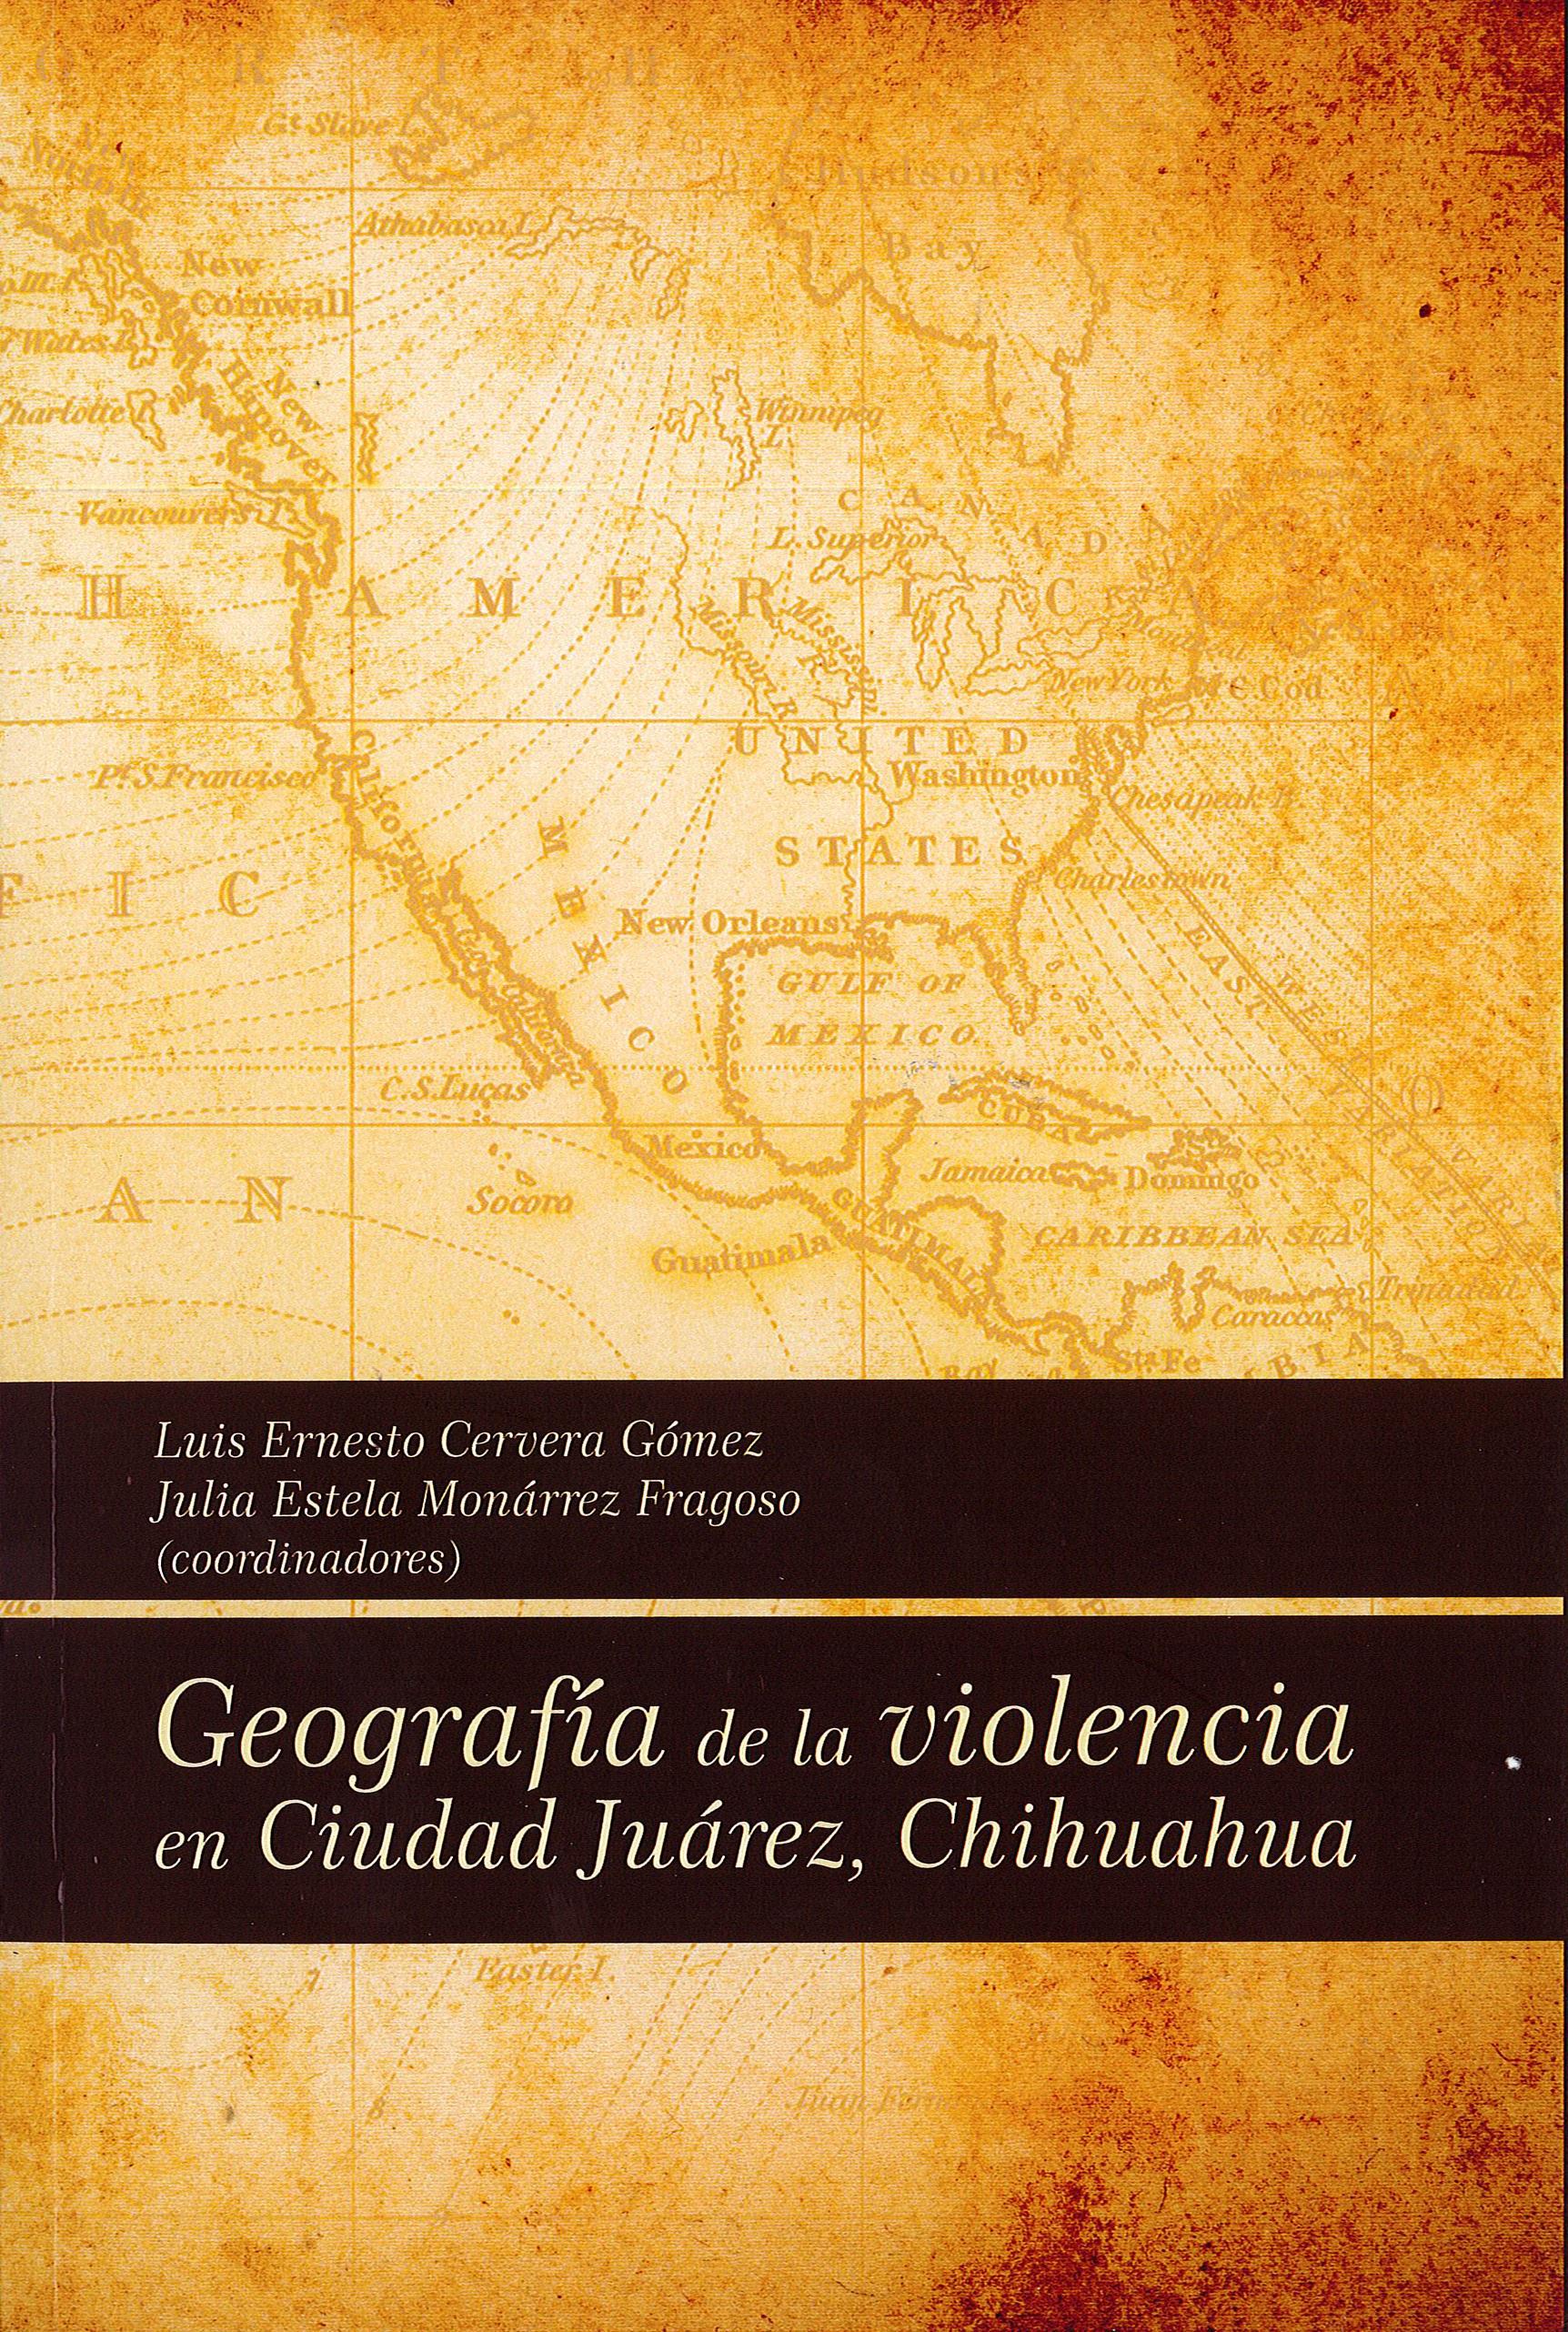 Portada de Geografía de la violencia en Ciudad Juárez, Chihuahua.  (1a. reimpresión)